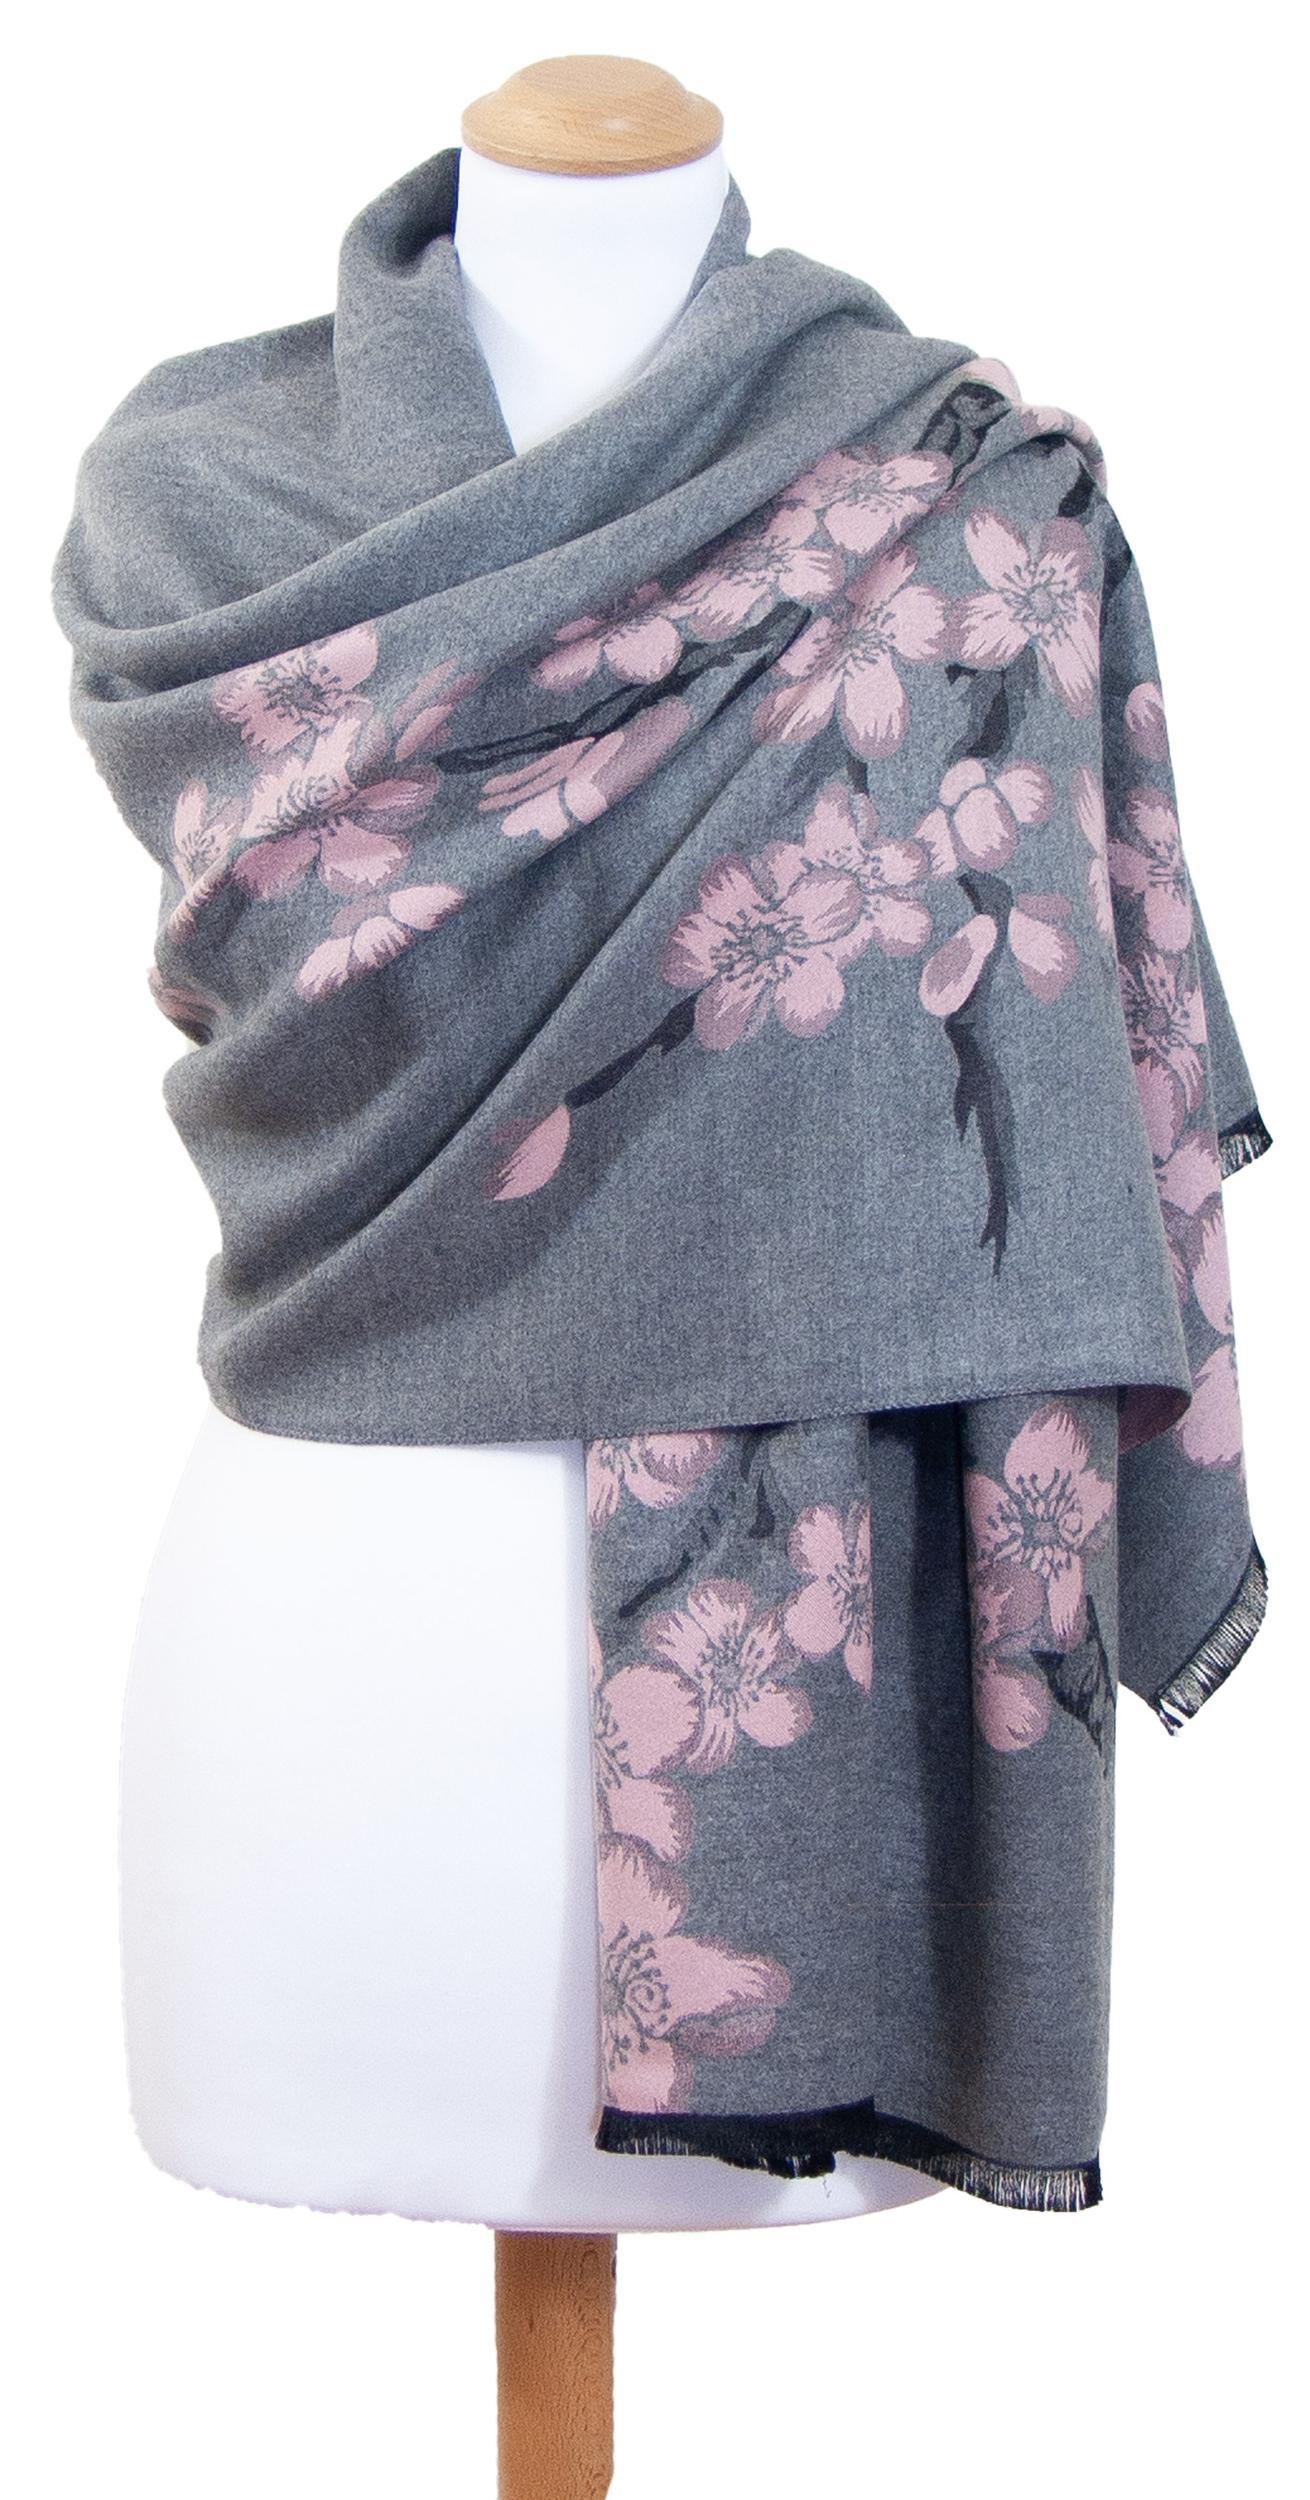 Châle gris rose fleurs de cerisiers